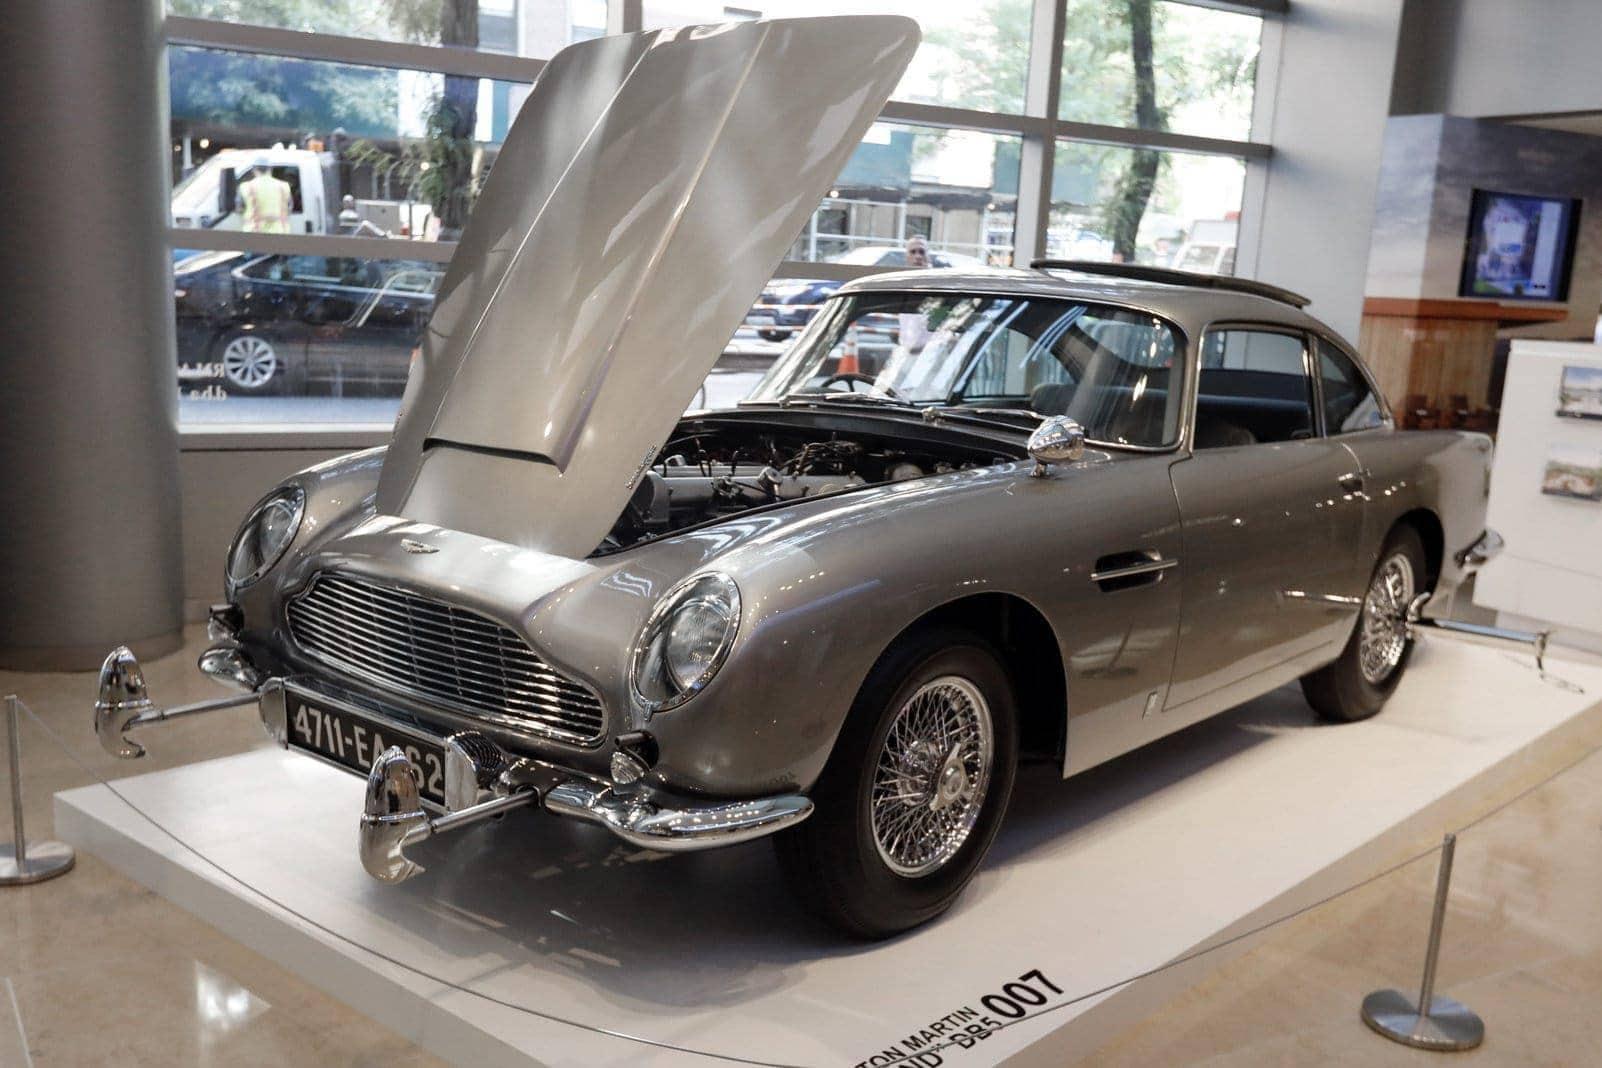 Bonds legendärer Aston Martin